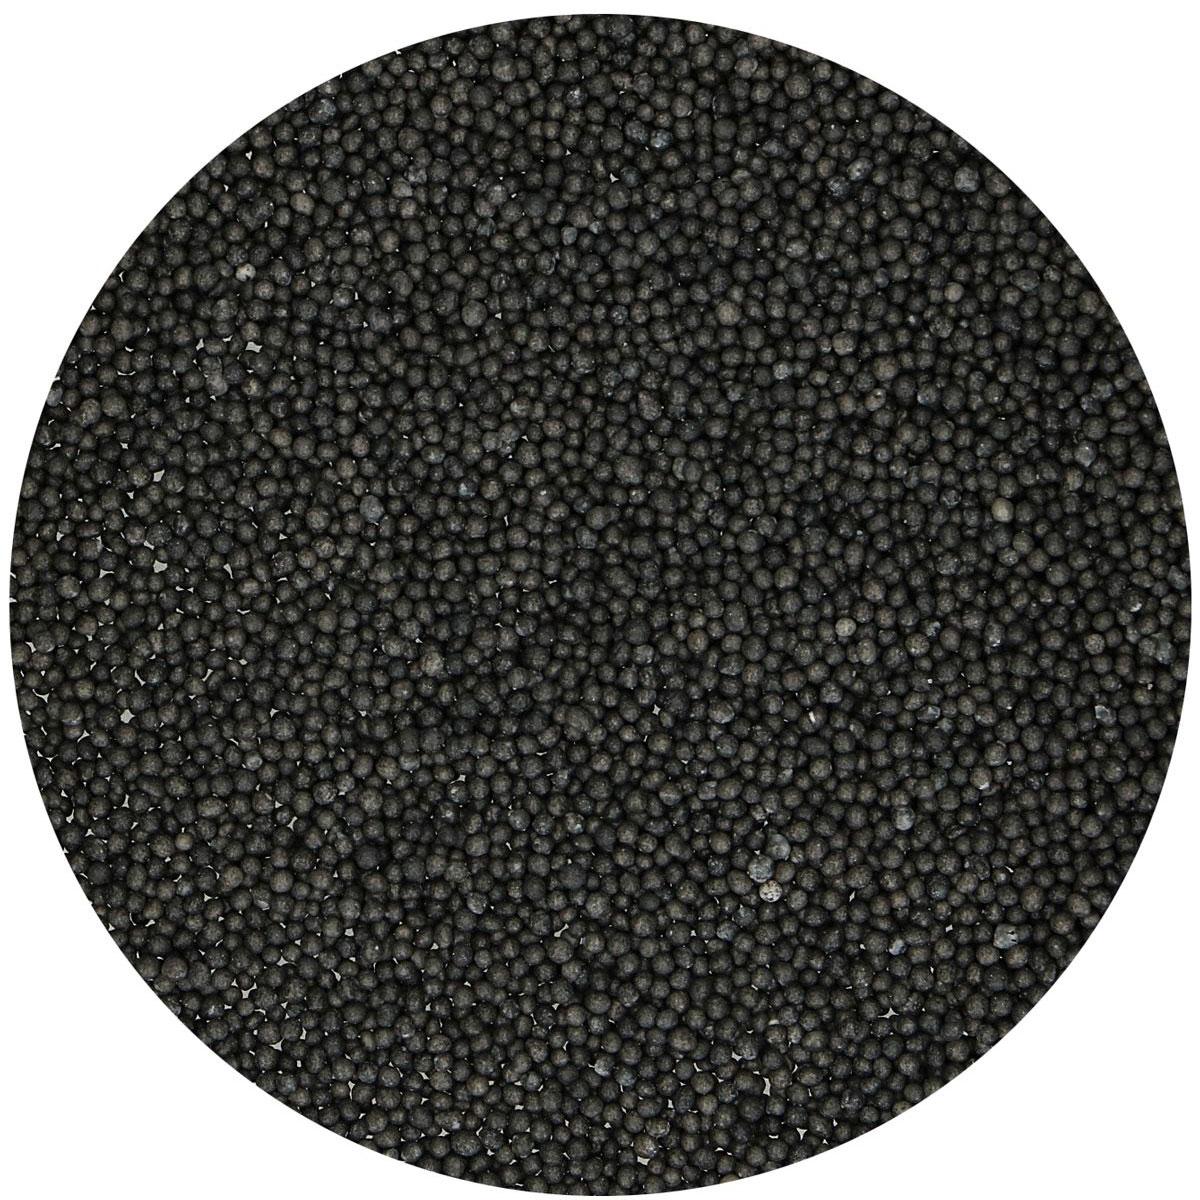 Funcakes Nonpareils Zuckerperlen - Schwarz 80g